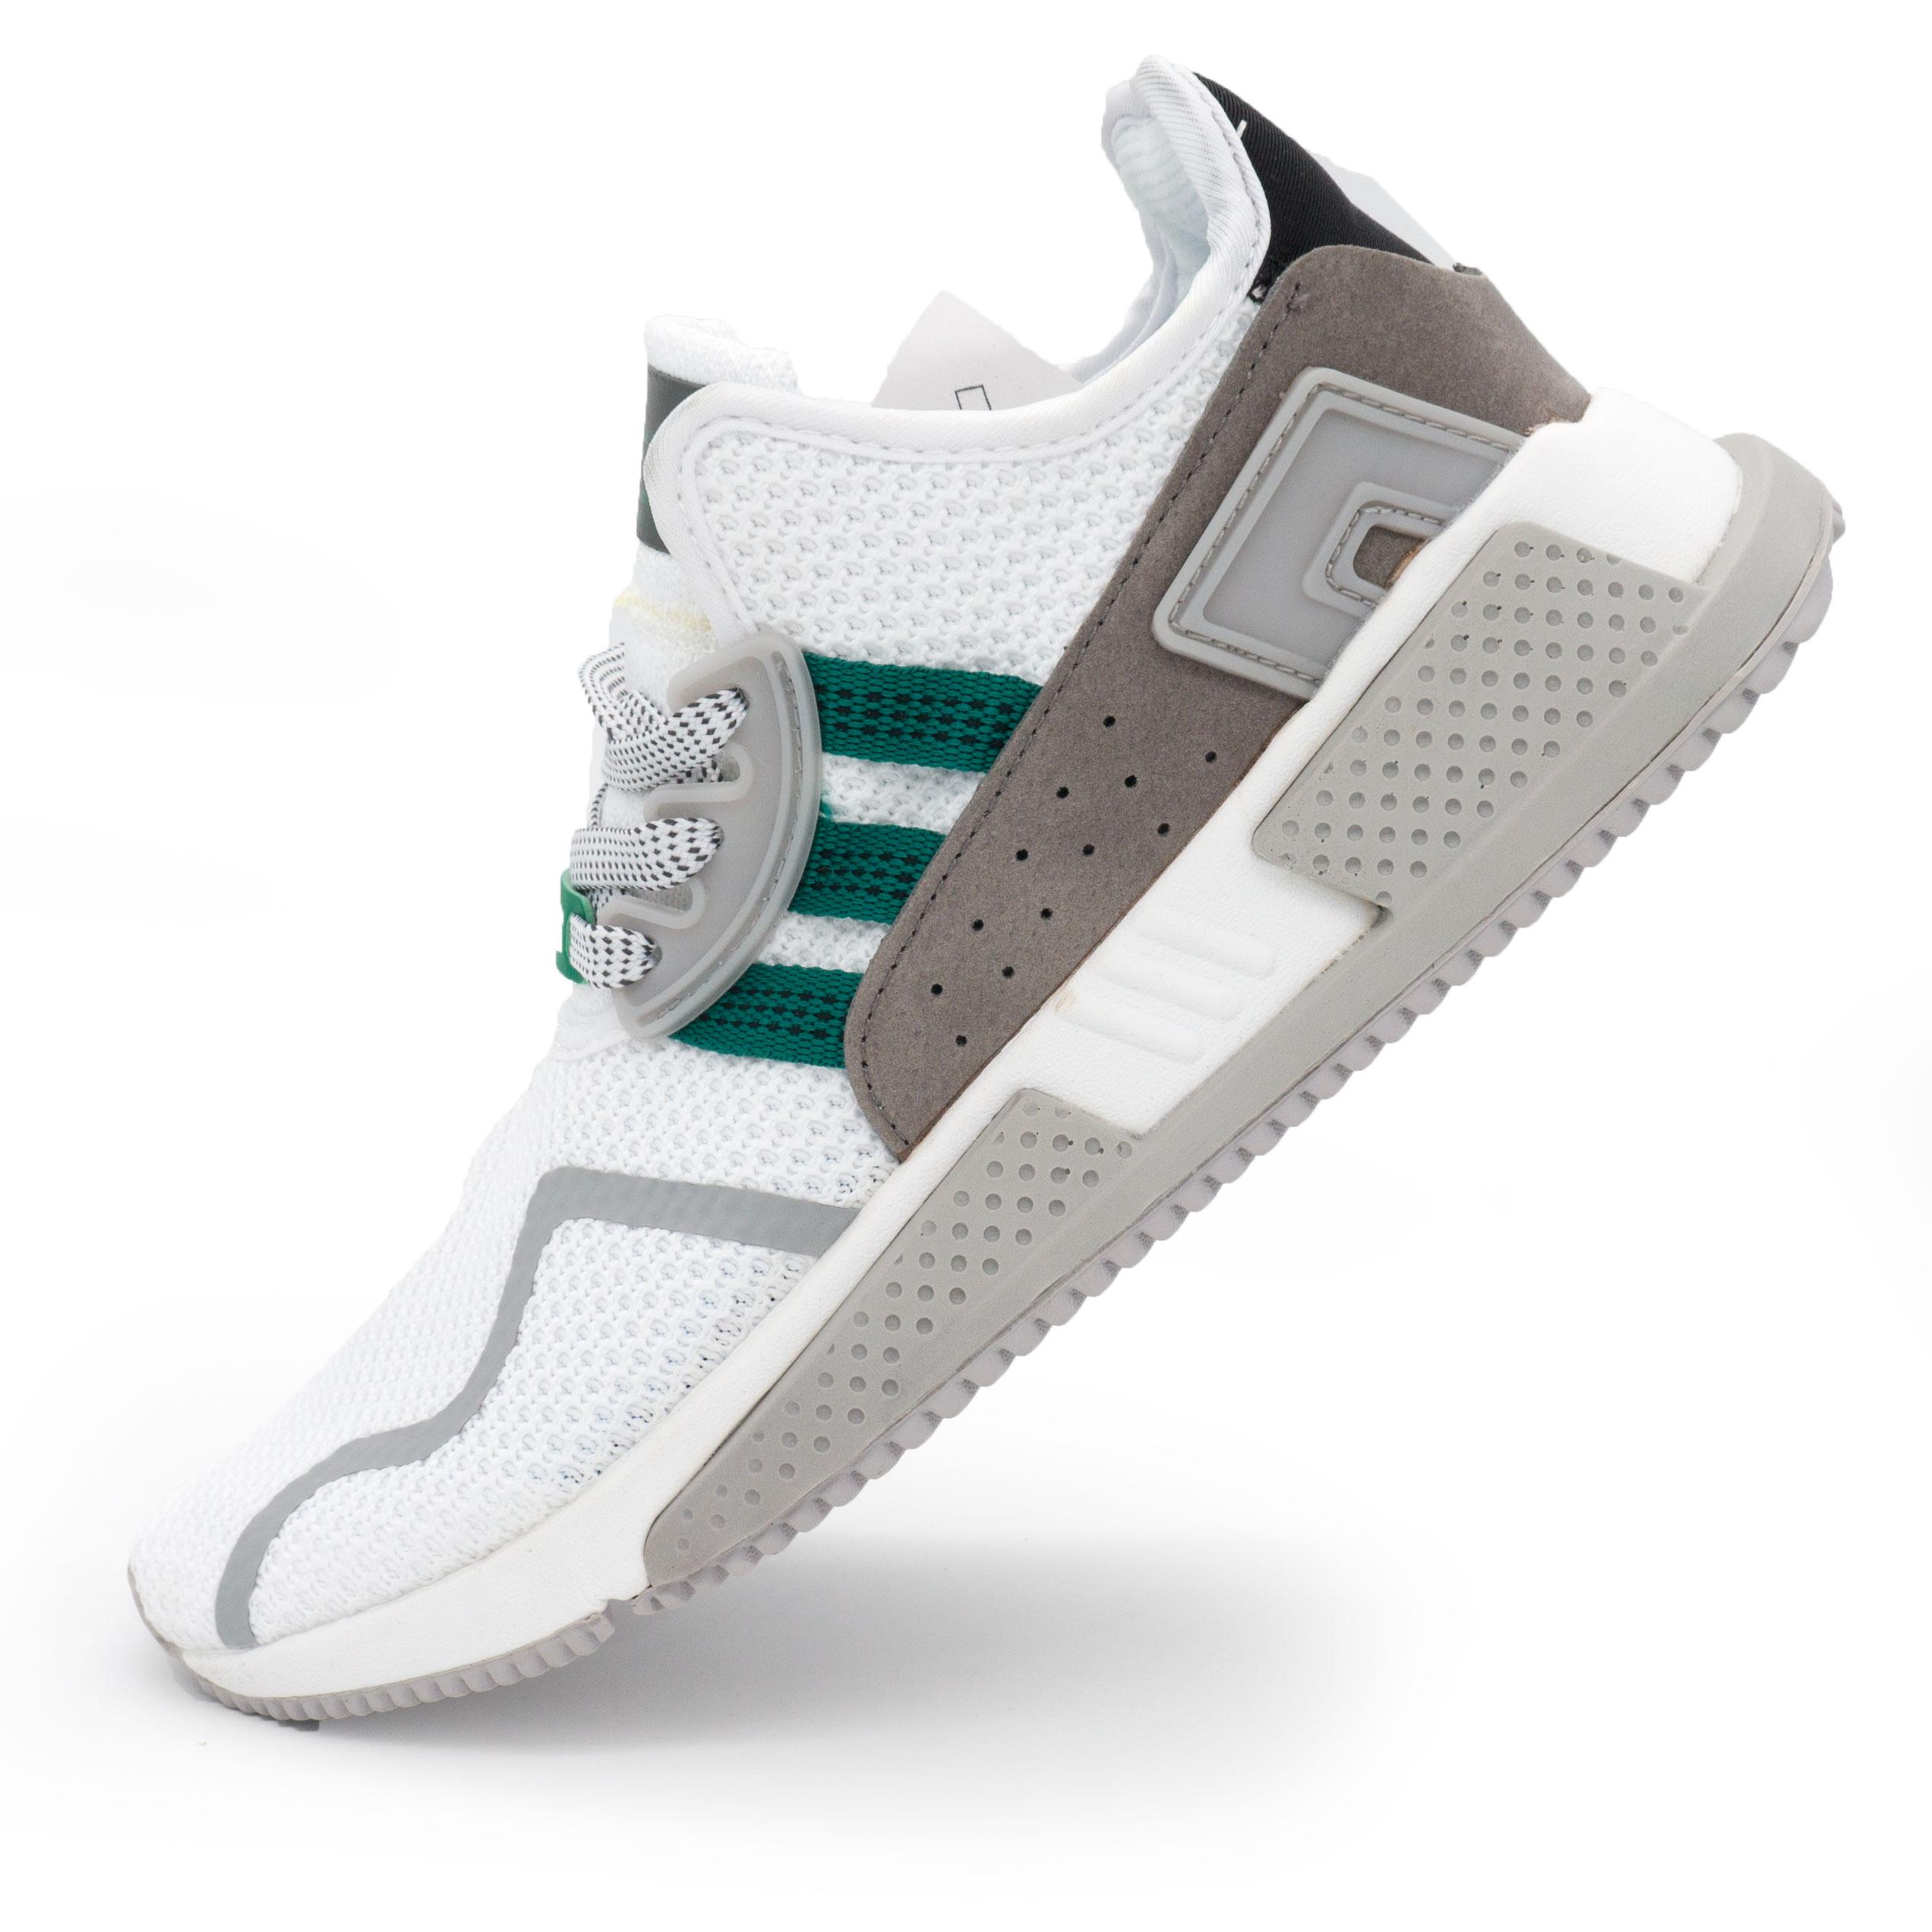 фото main Кроссовки Adidas EQT Cushion adv белые с зеленым. Топ качество! main